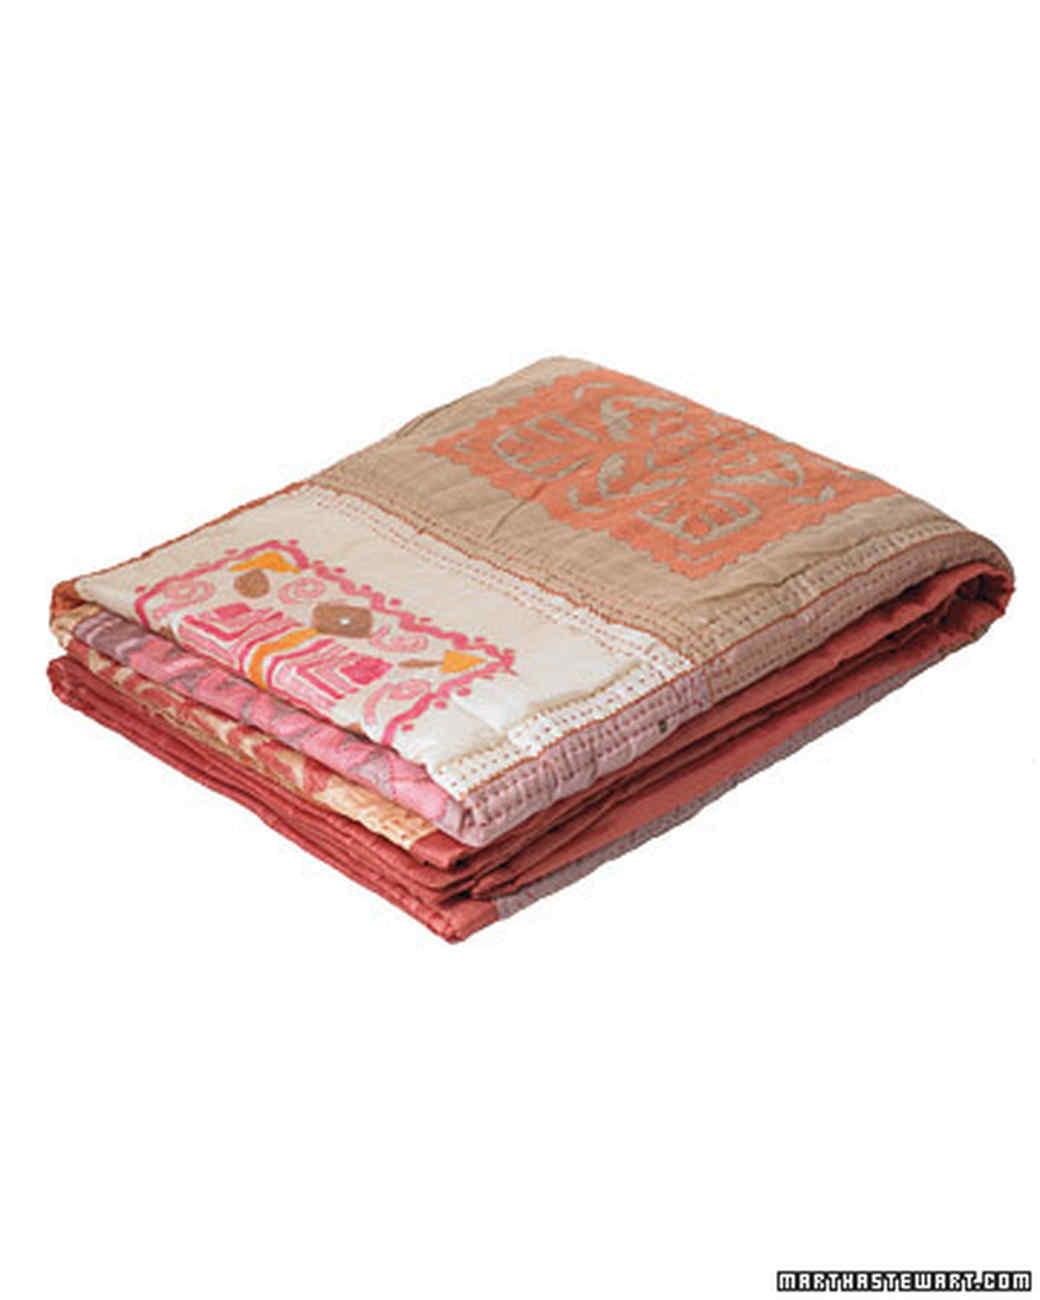 ba103405_1107_blanket.jpg